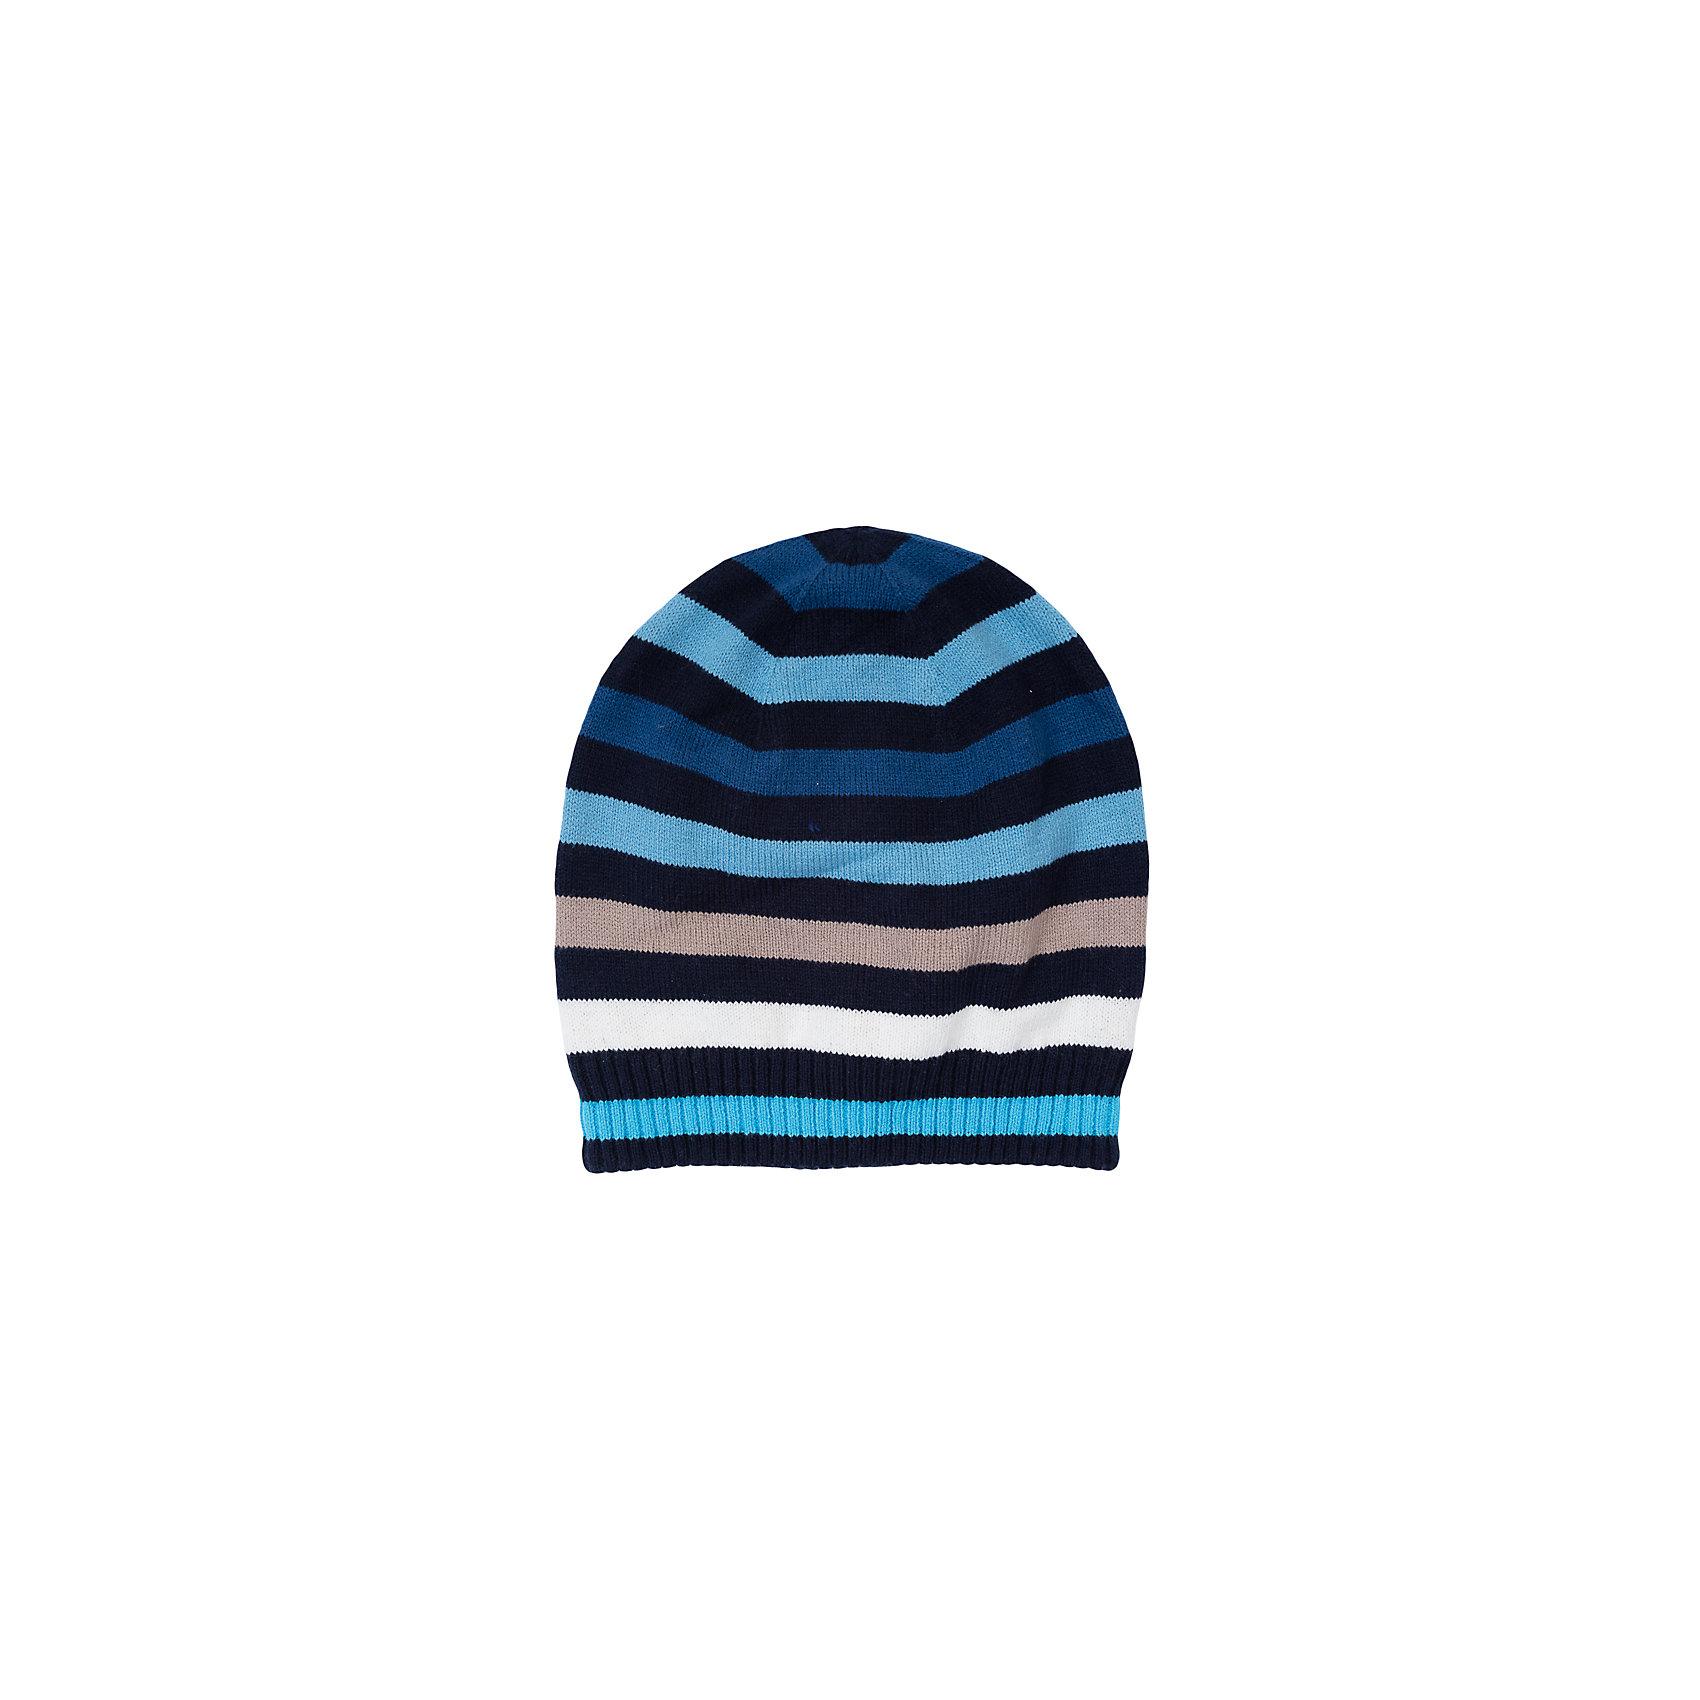 Шапка для мальчика ScoolШапка для мальчика из коллекции «Скорость» от известного бренда Scool. Удобная шапка из вязанного трикотажа на осень/весну. Приятные полоски синих цветов, сочетающиеся с бежевым и белым придут по вкусу вашему ребенку. Мягкий материал приятен для носки и защищает от ветра и холода. Шапка отлично подойдет как к пальто, так и к пуховикам и курткам. <br><br>Дополнительная информация:<br>- Низ шапки на широкой резинке<br><br>Состав: 60% хлопок, 40% акрил, подкладка: 60% хлопок, 40% акрил<br><br>Шапку для мальчика Scool можно купить в нашем интернет-магазине.<br><br>Подробнее:<br>• Для детей в возрасте: от 8 до 14 лет<br>• Номер товара: 4911514<br>Страна производитель: Китай<br><br>Ширина мм: 89<br>Глубина мм: 117<br>Высота мм: 44<br>Вес г: 155<br>Цвет: разноцветный<br>Возраст от месяцев: 72<br>Возраст до месяцев: 84<br>Пол: Мужской<br>Возраст: Детский<br>Размер: 54,56<br>SKU: 4911513